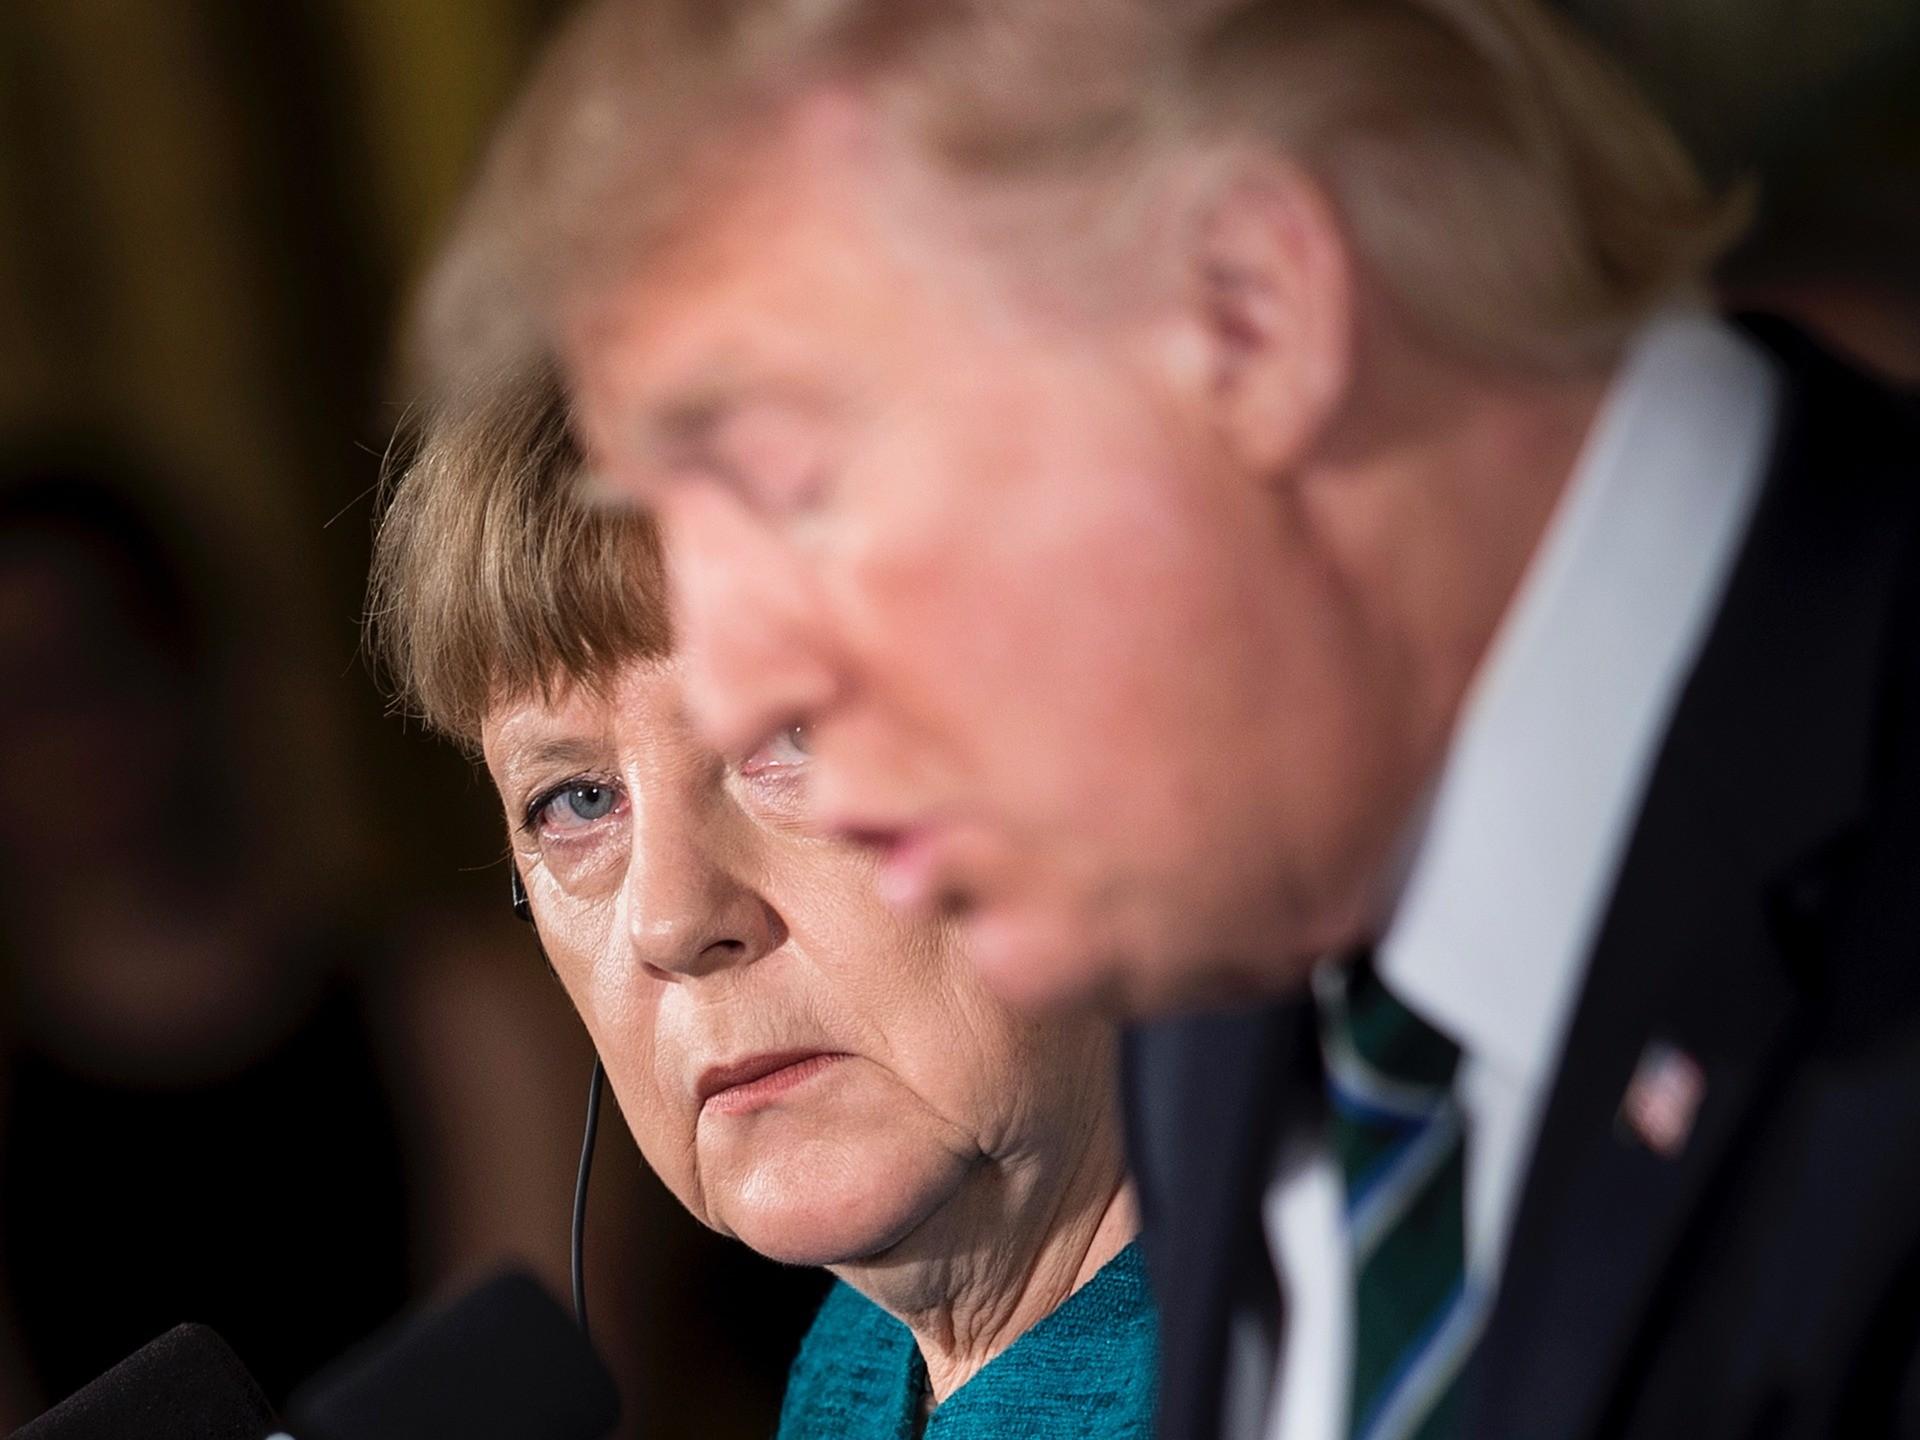 Merkel's Germany Tells Trump Not to Bring Troops Home from Afghanistan